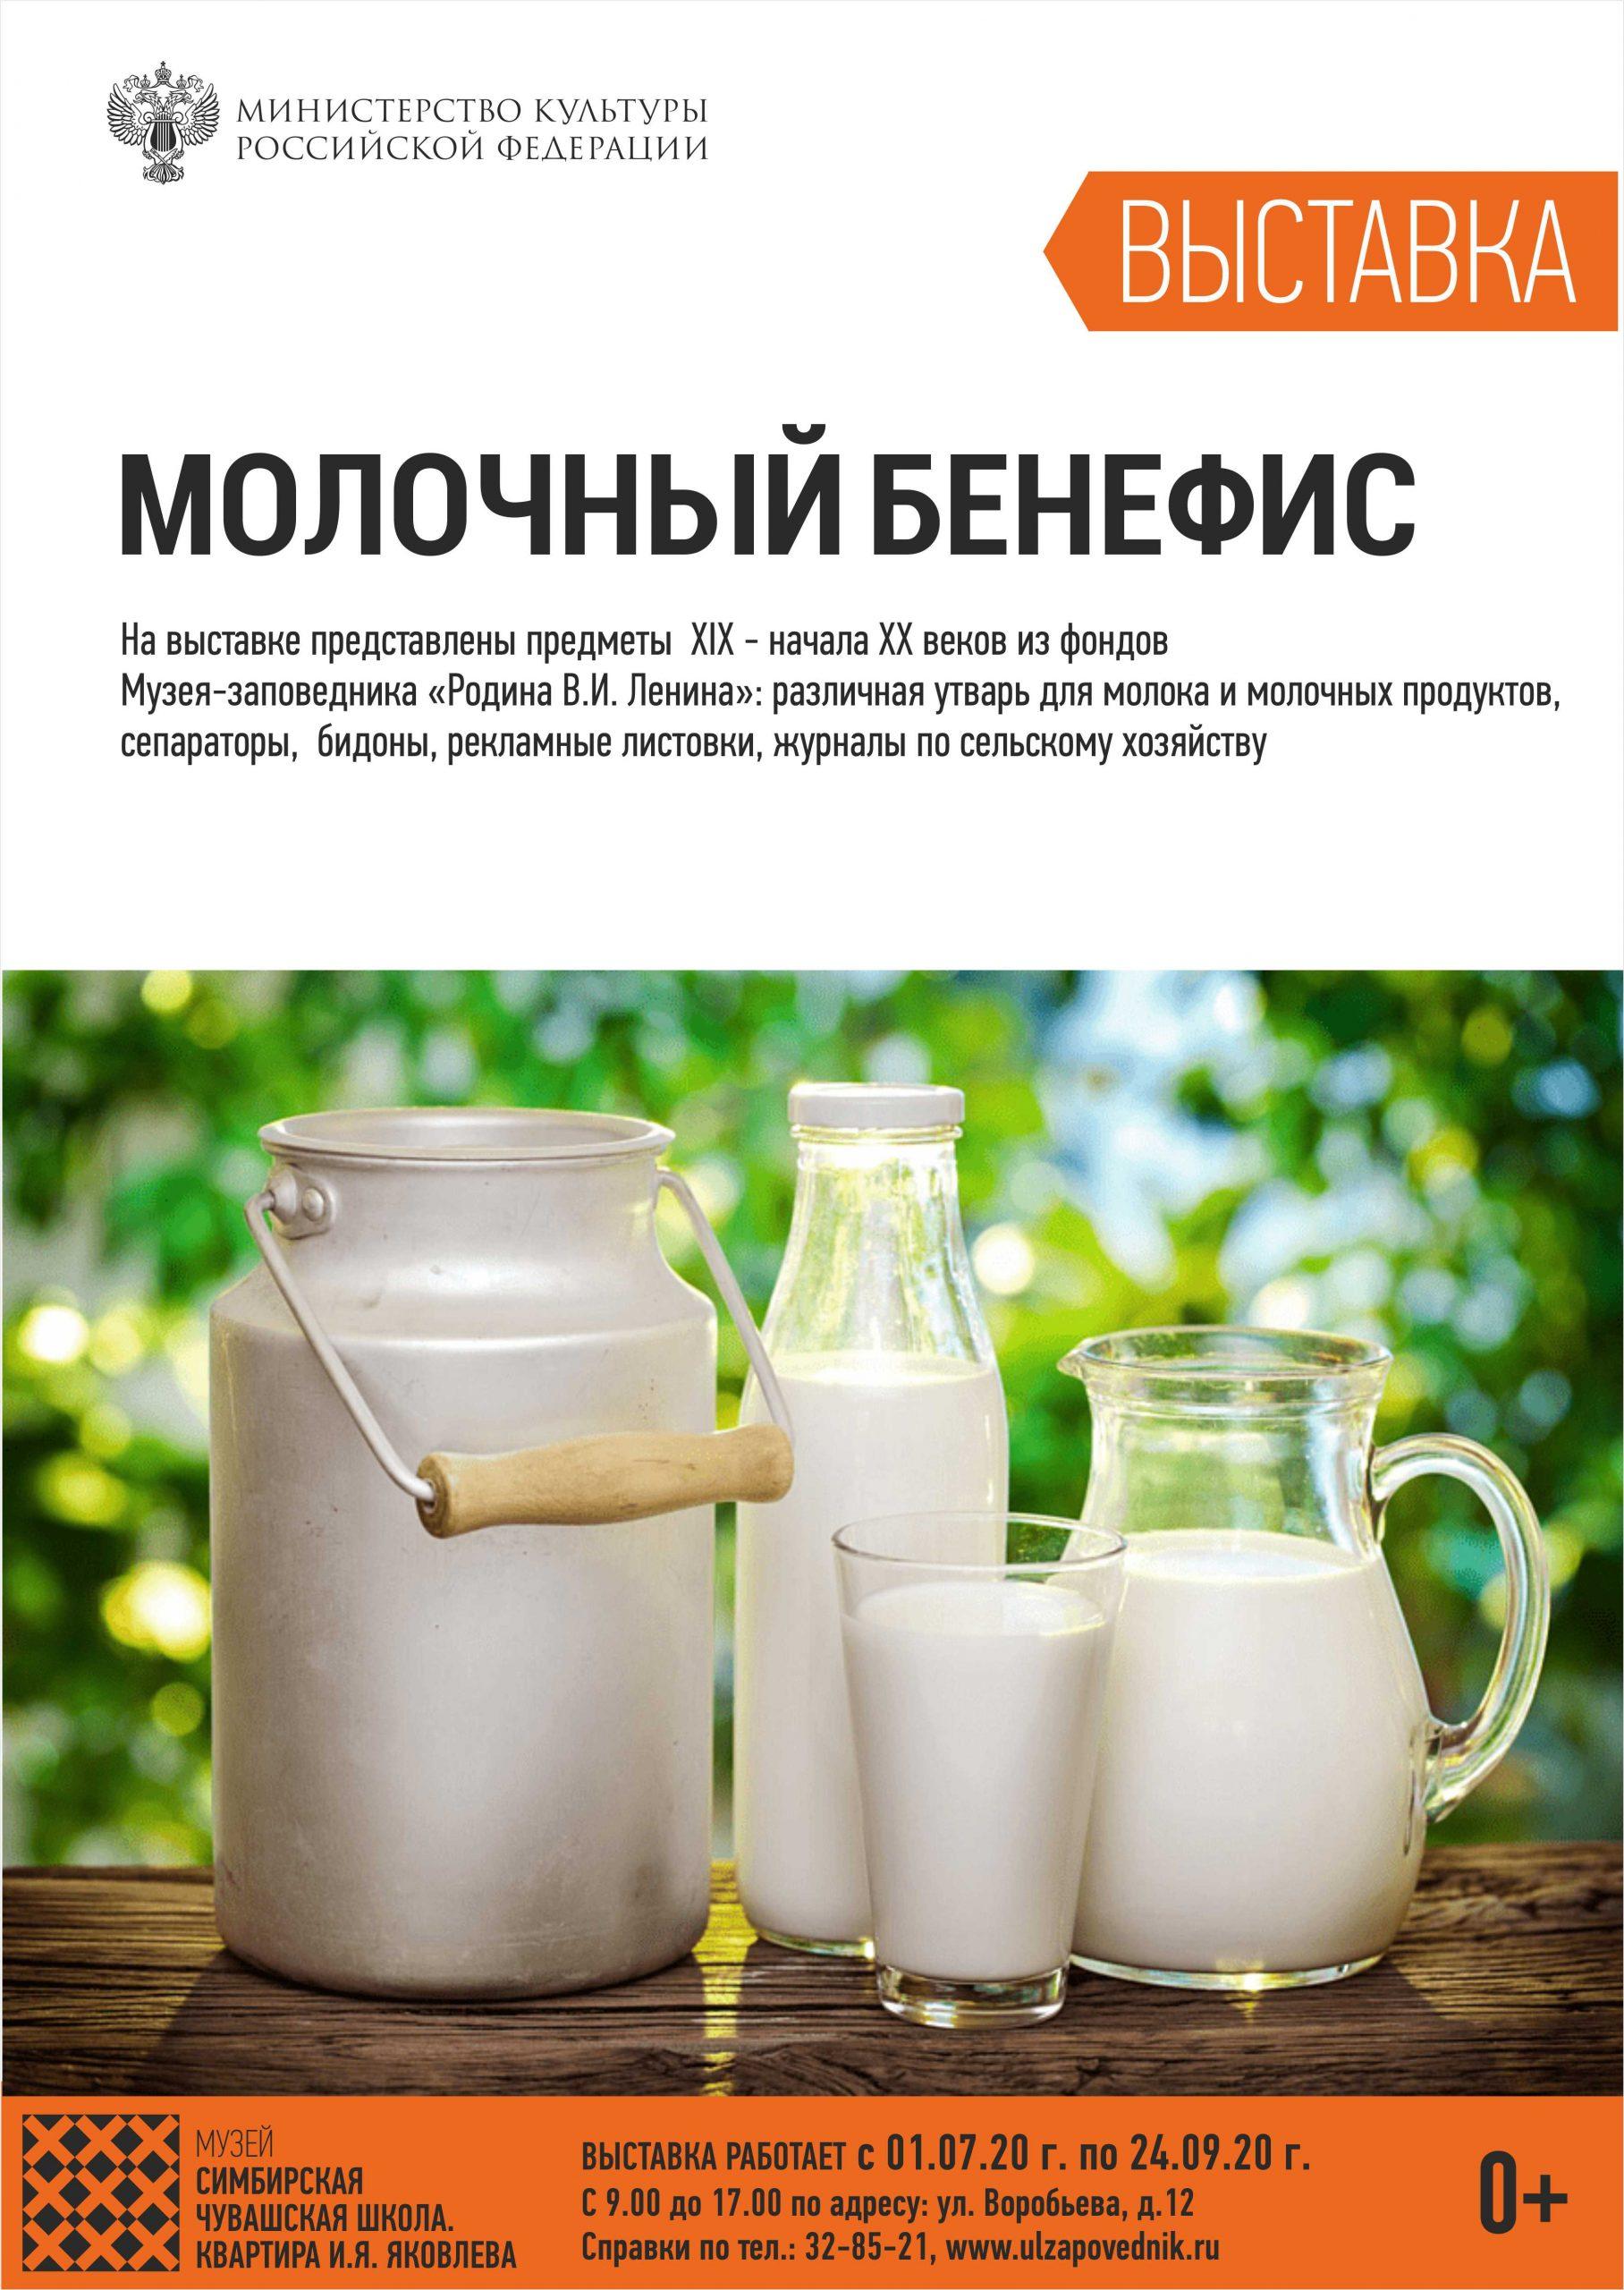 Выставка «Молочный бенефис» в в музее «Симбирская чувашская школа. Квартира И. Я. Яковлева»